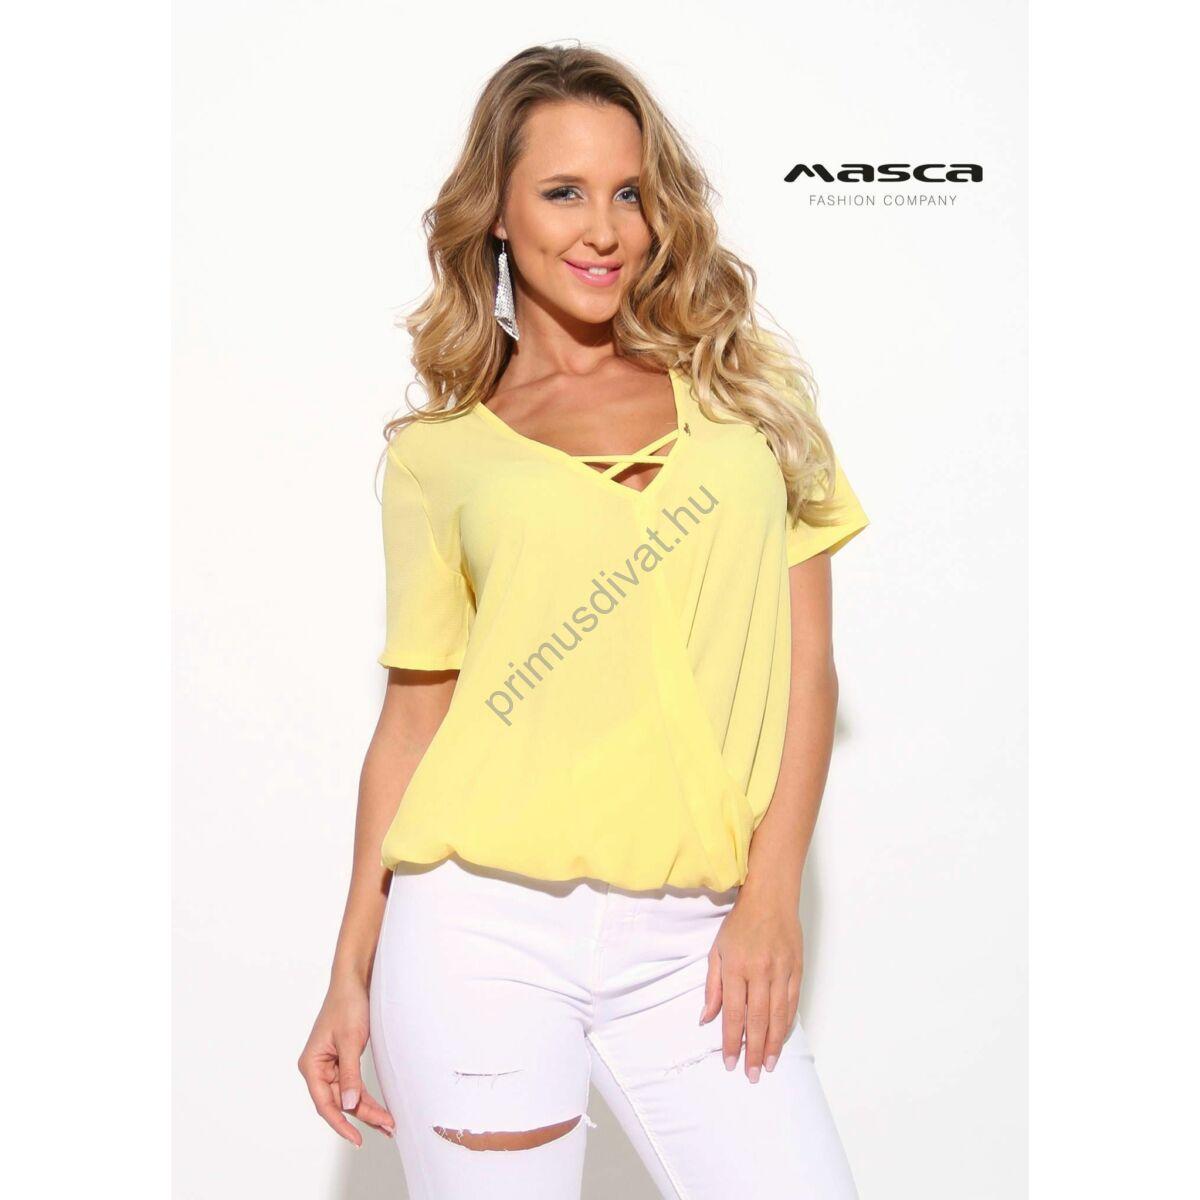 925d16cc2 Masca Fashion pánttal összefogott V-nyakú lezser, rövid ujjú sárga felső,  alján gumis behúzással - Mf910-17